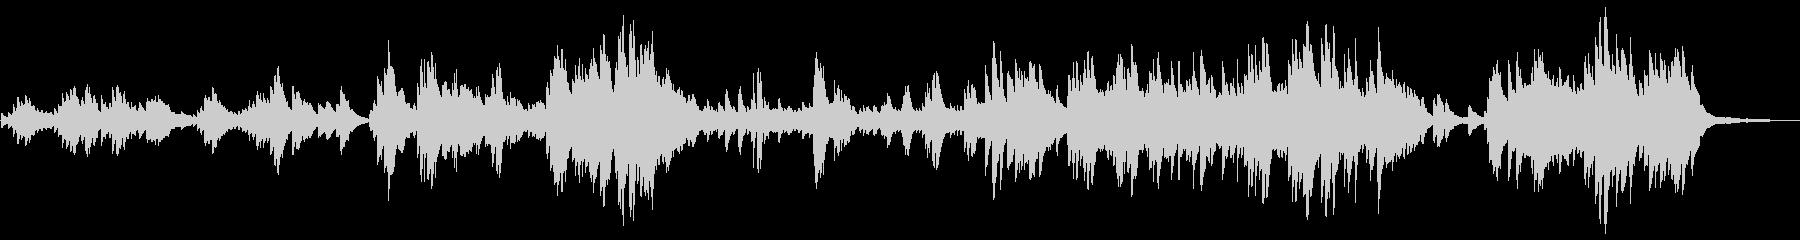 劇伴・ゲーム ノスタルジックなピアノソロの未再生の波形